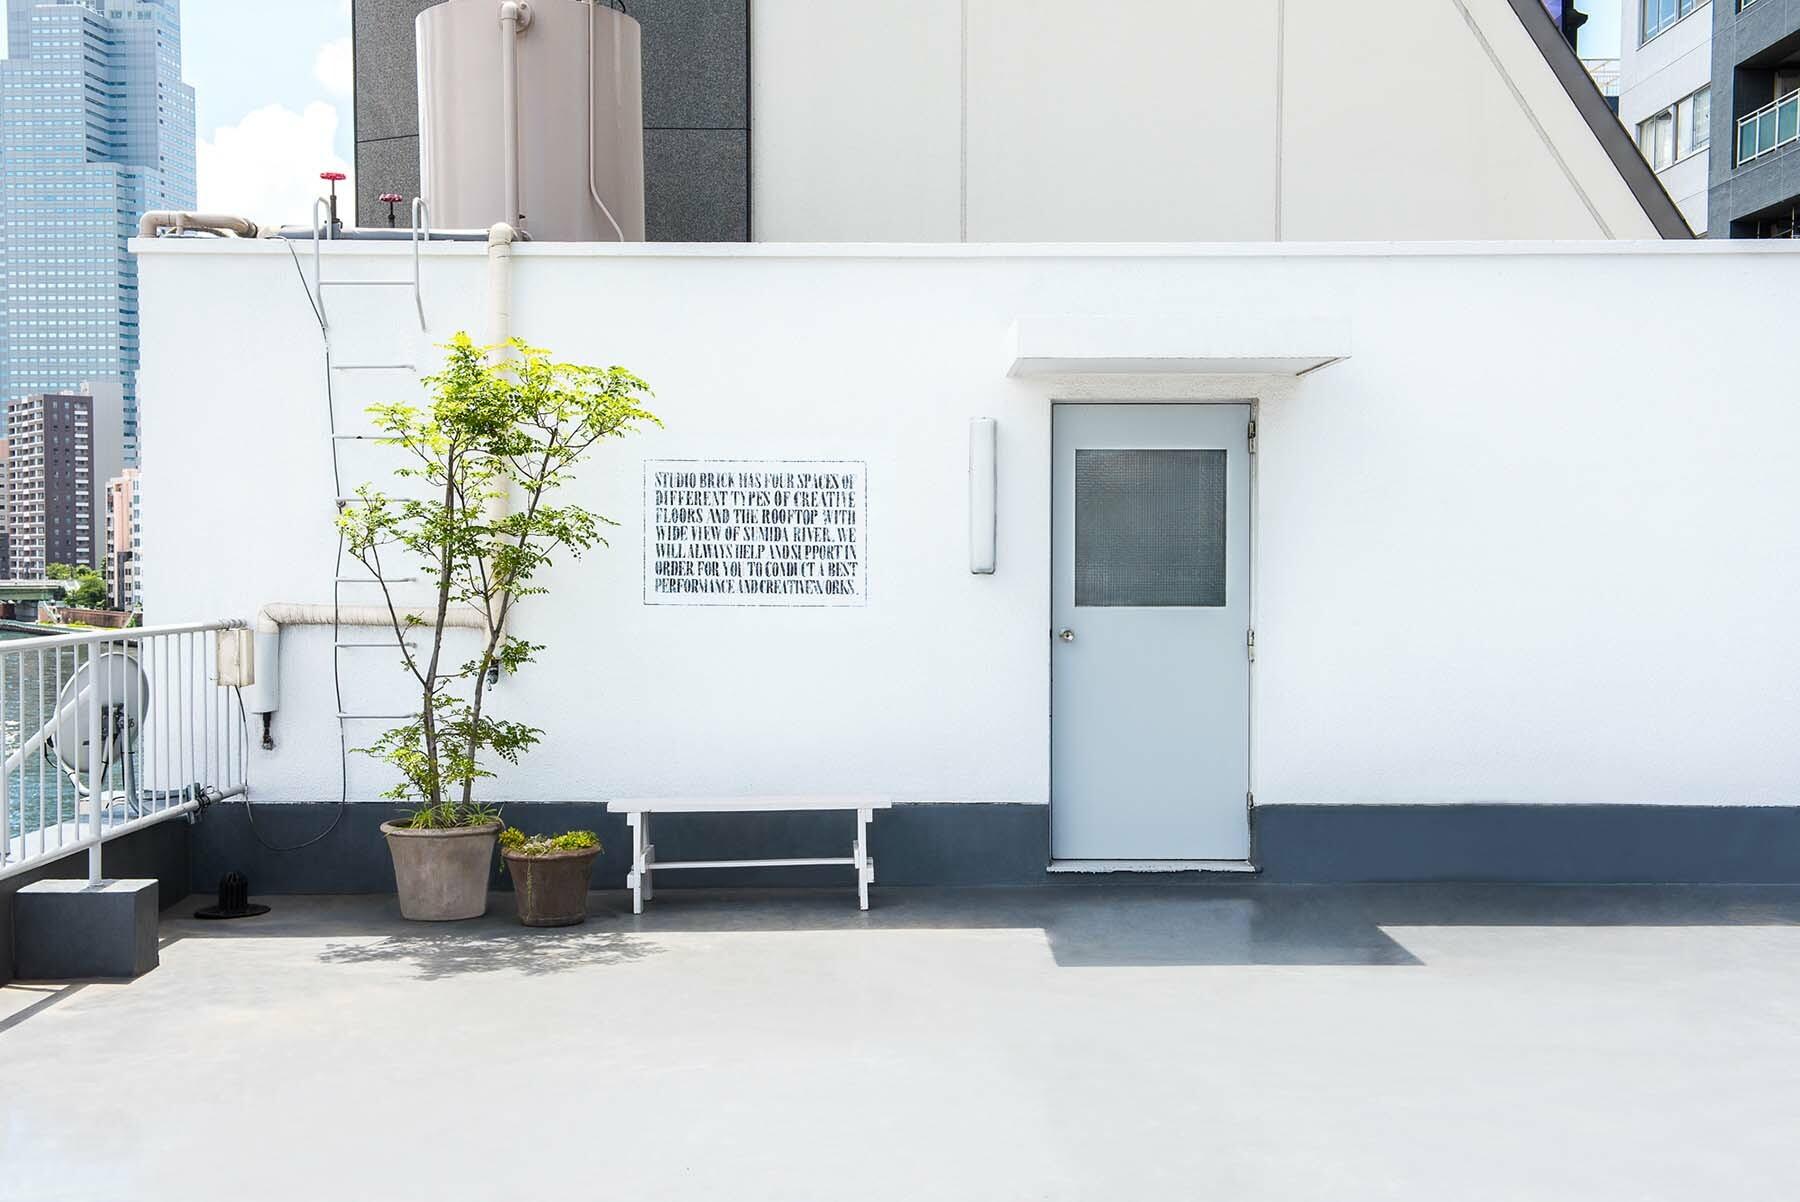 StudioBRICK RF (スタジオブリック八丁堀RF)外壁を背景とした撮影も可能